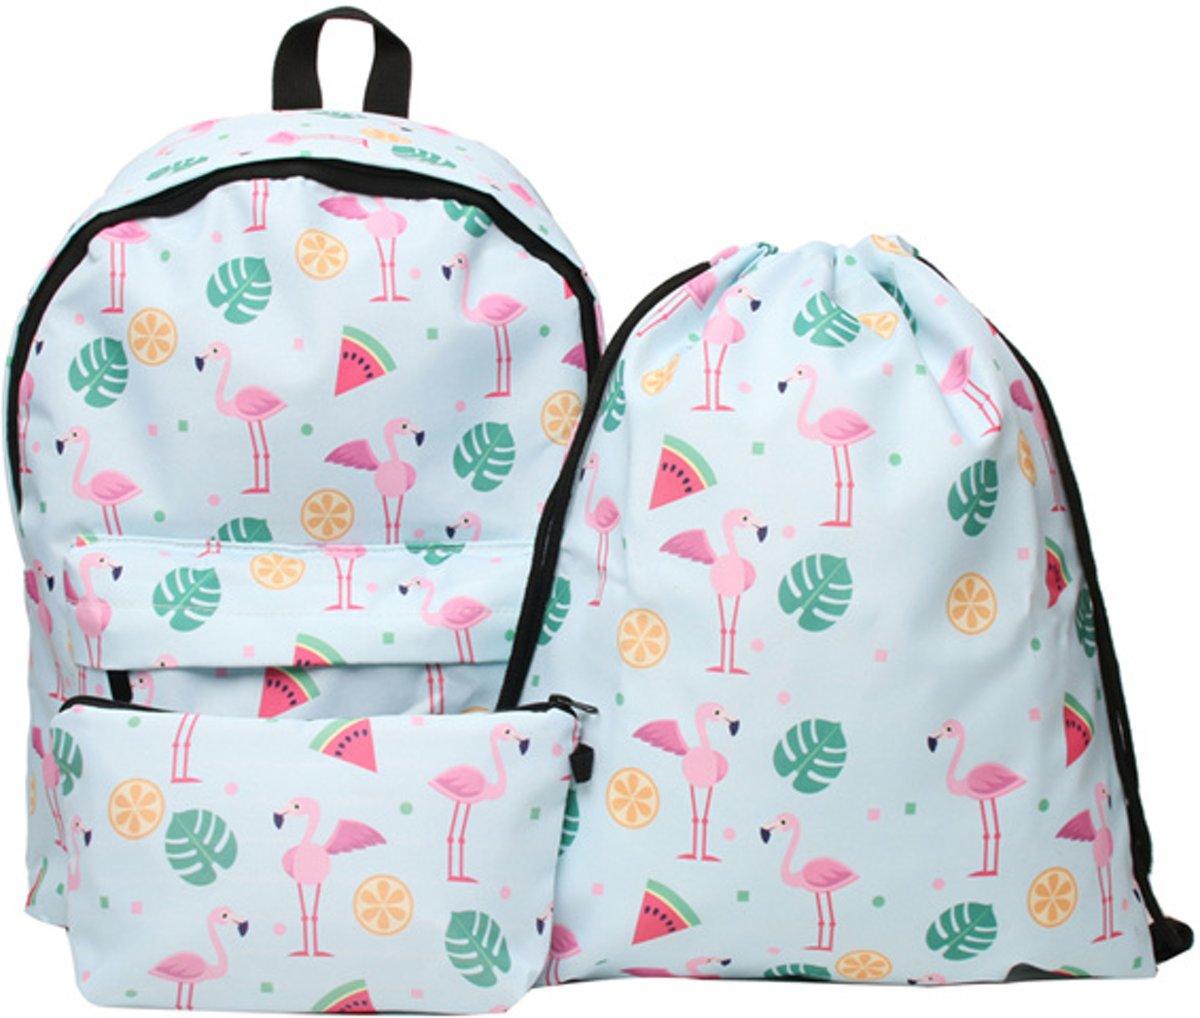 ab7860b2eca ... Flamingo Fruits School Pakket - 16 Liter - 3 in 1 - Rugtas|Etui| ...